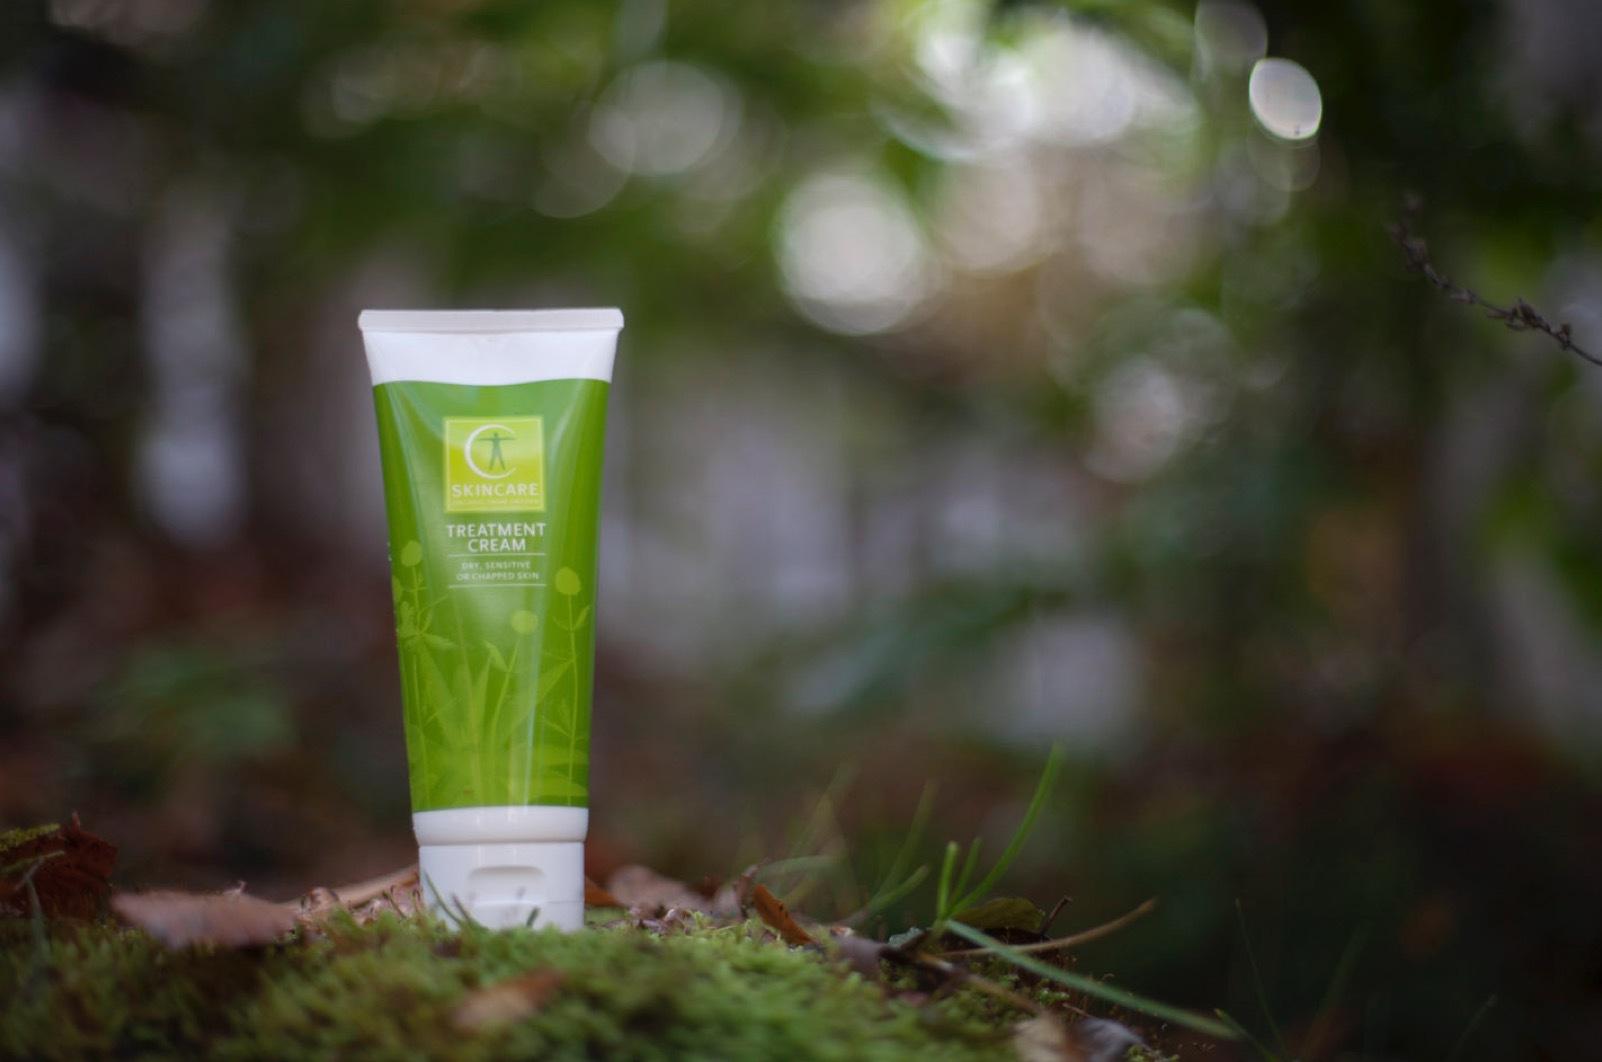 CSkincare tillverkas i Veberöd och är en väldigt bra ekologisk kräm till överkomligt pris